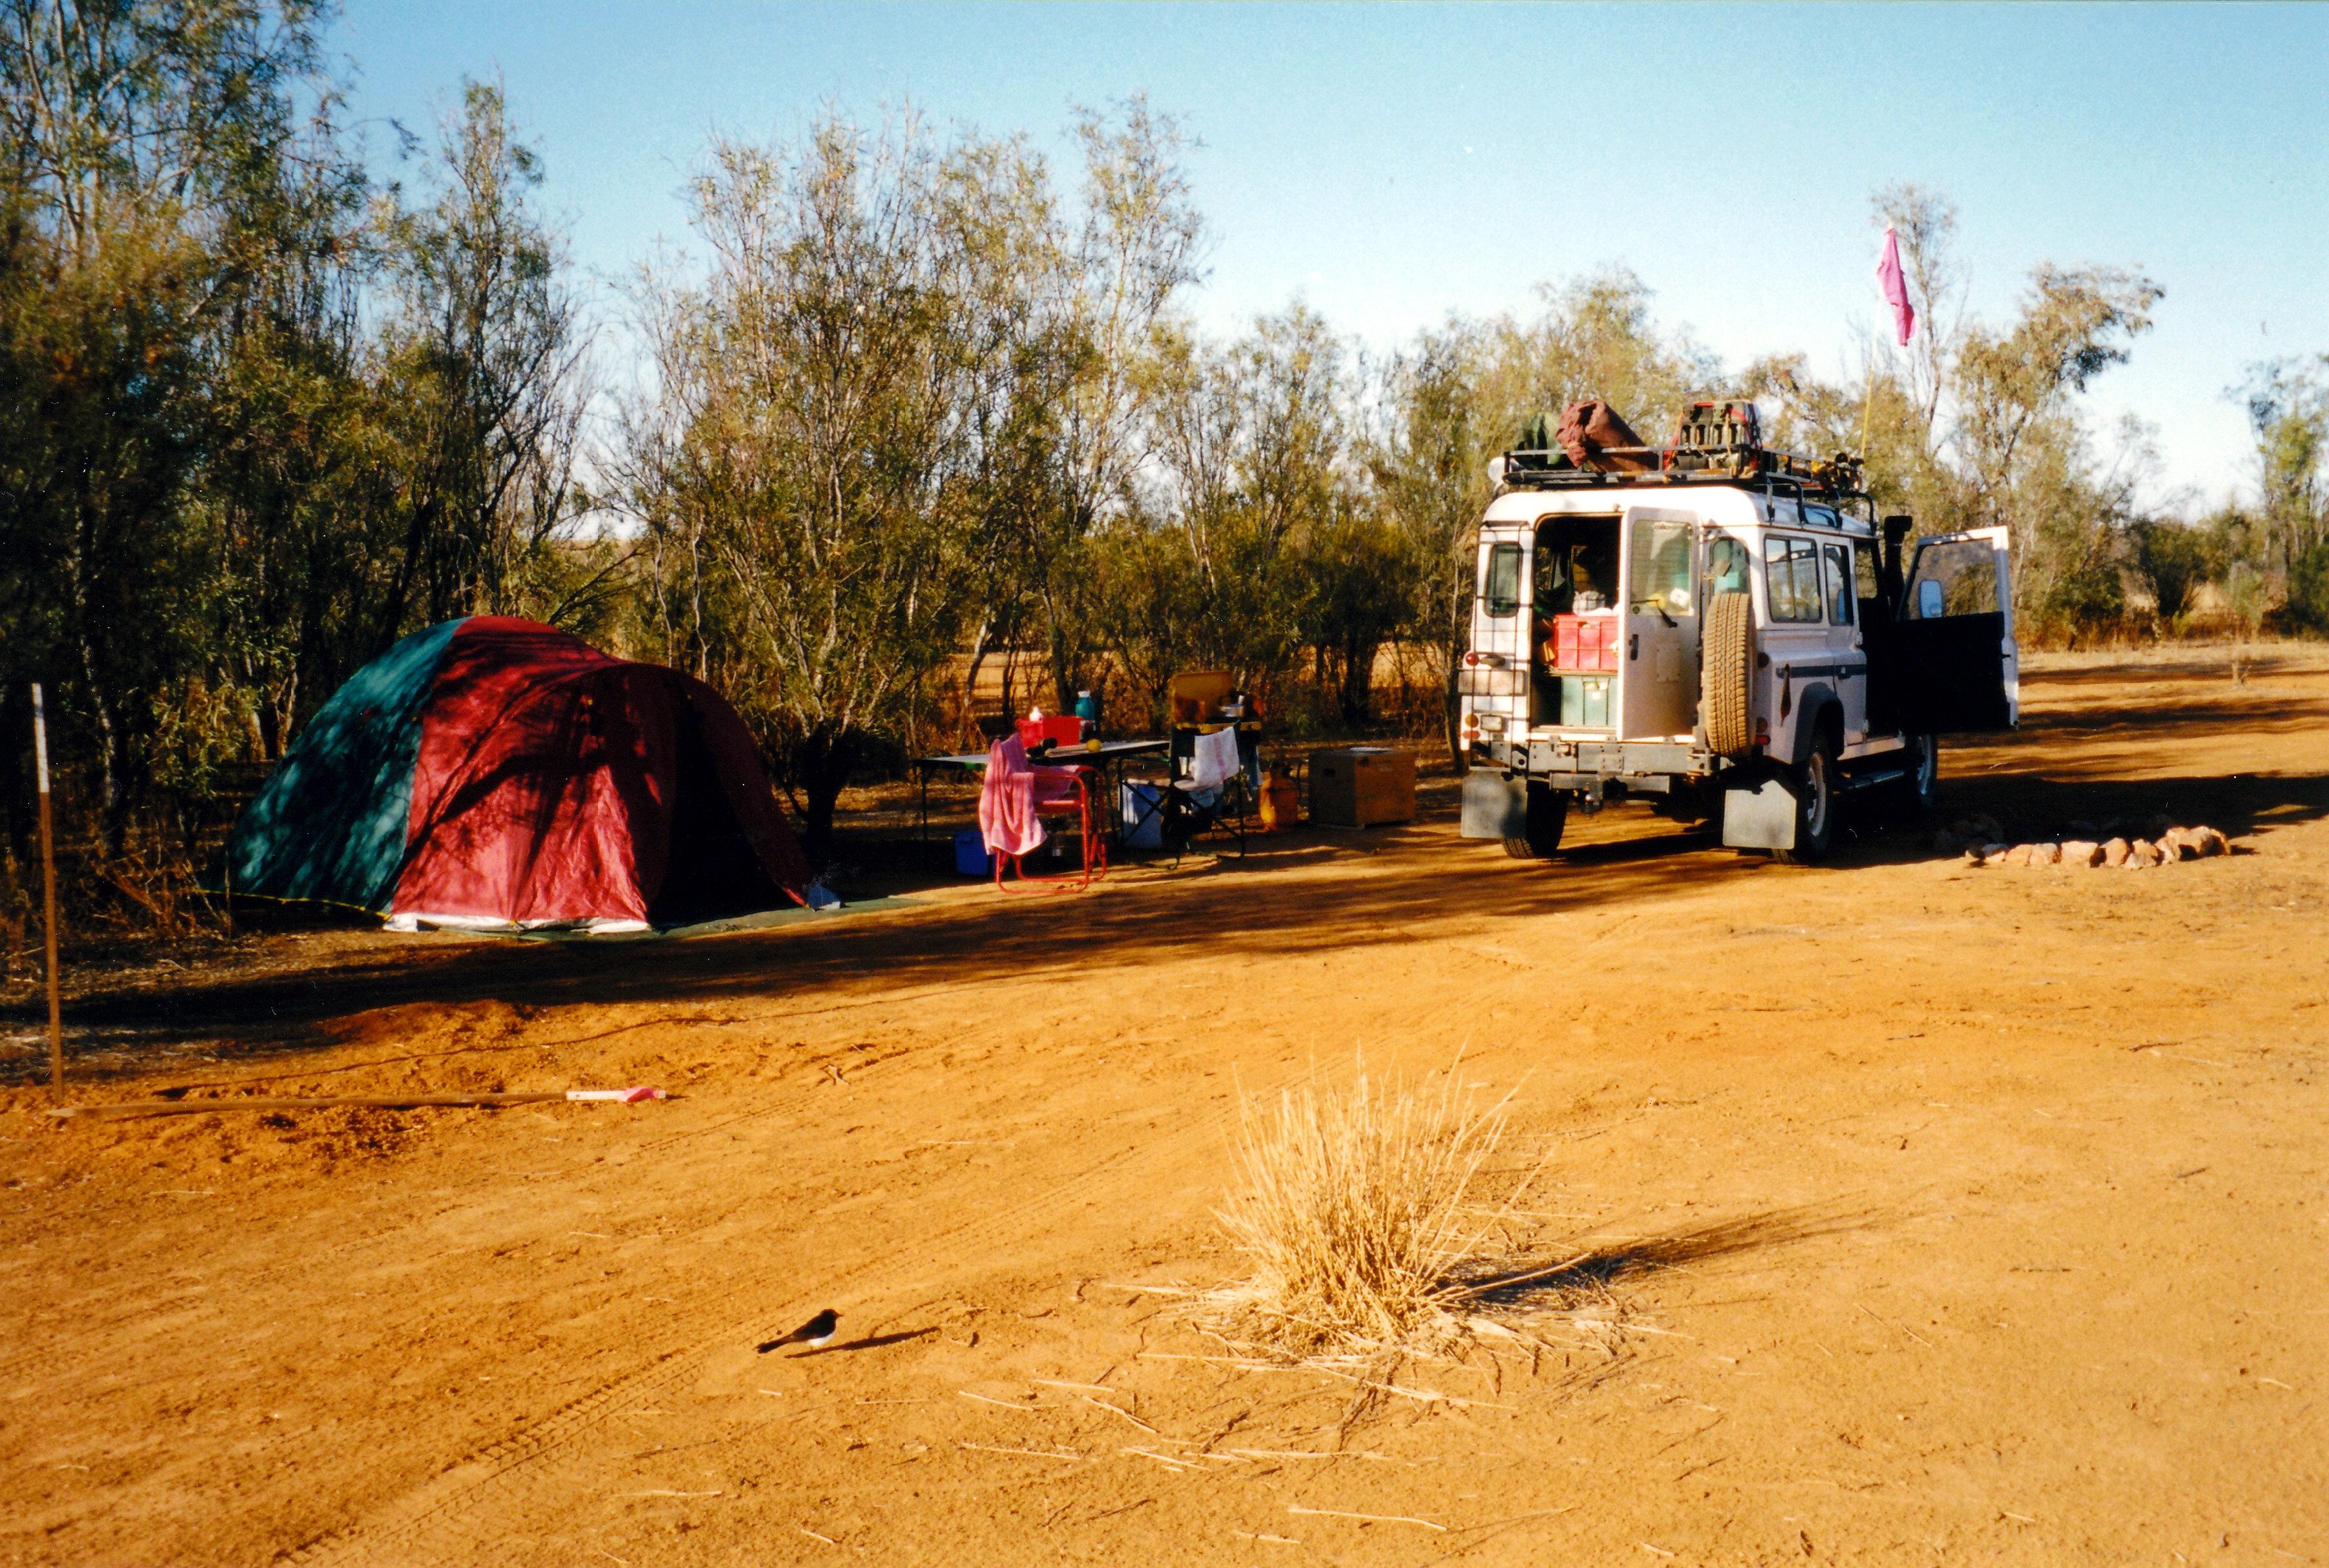 08-14-1999 01  Mt Dare camp in morning.jpg